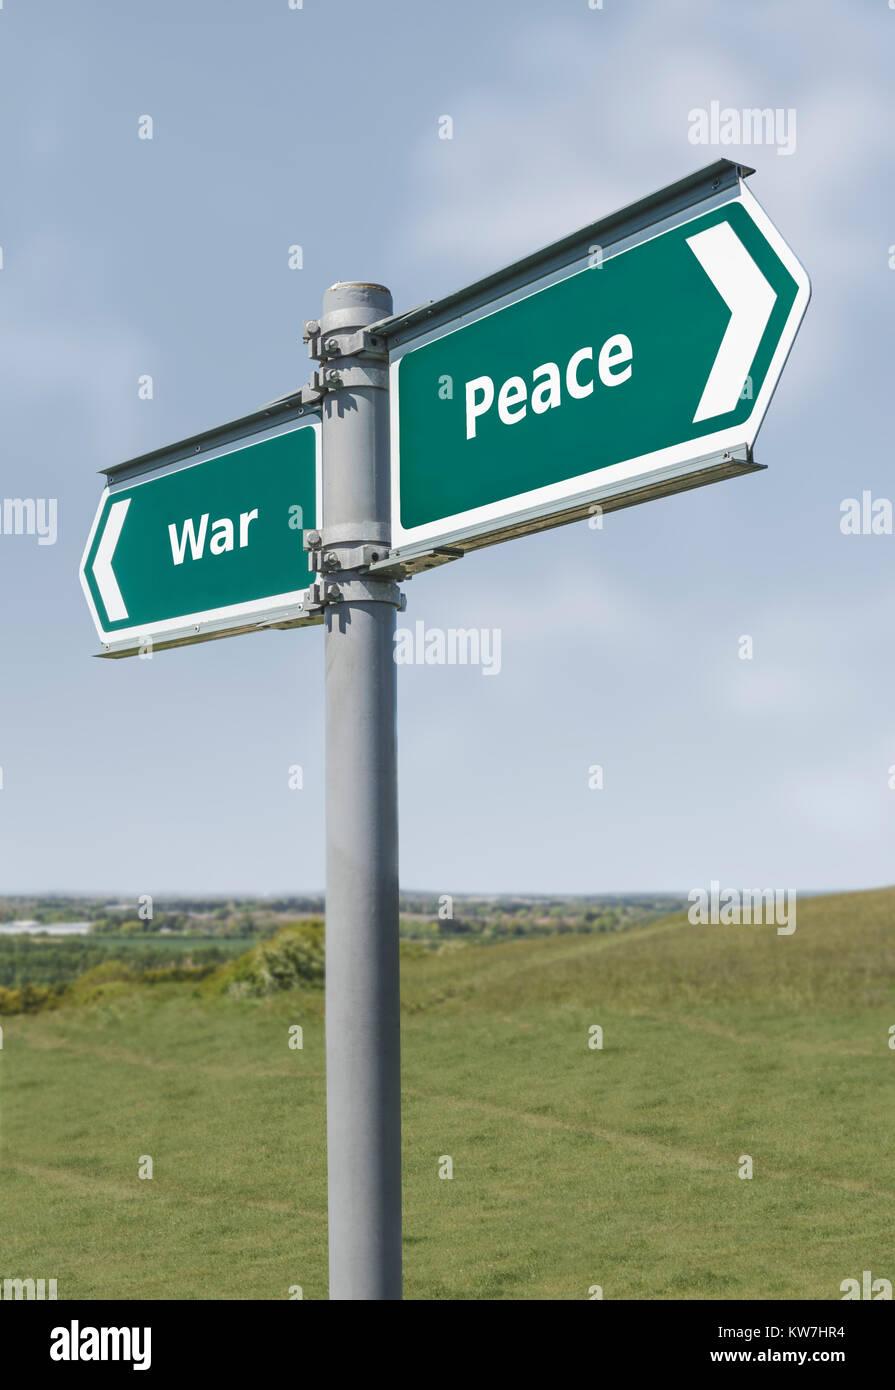 La guerre ou la paix direction. Concept de paix guerre panneau. Photo Stock